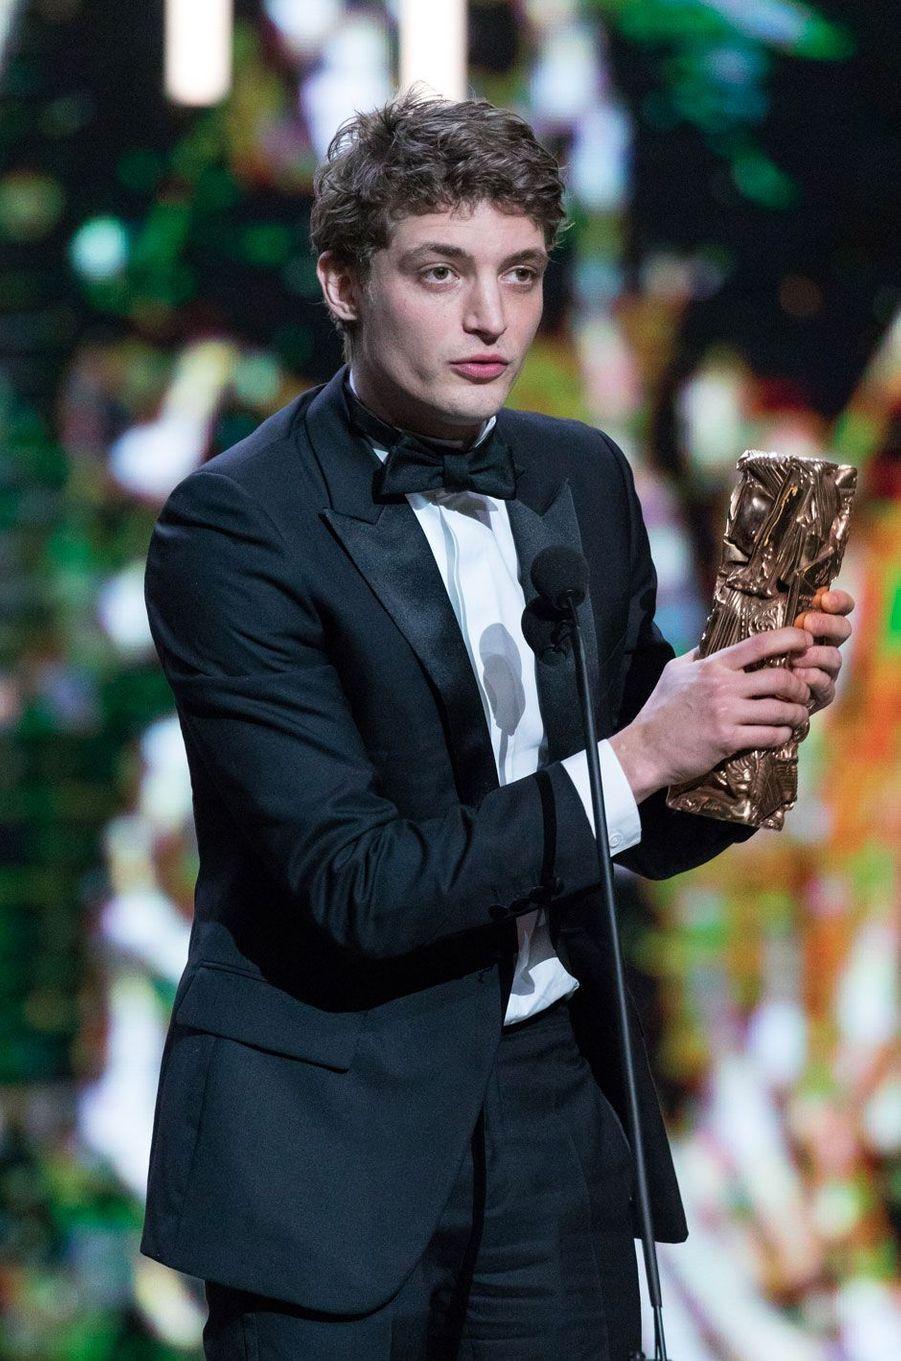 Niels Schneider lors de la 42ème cérémonie des César à la salle Pleyel à Paris le 24 février 2017